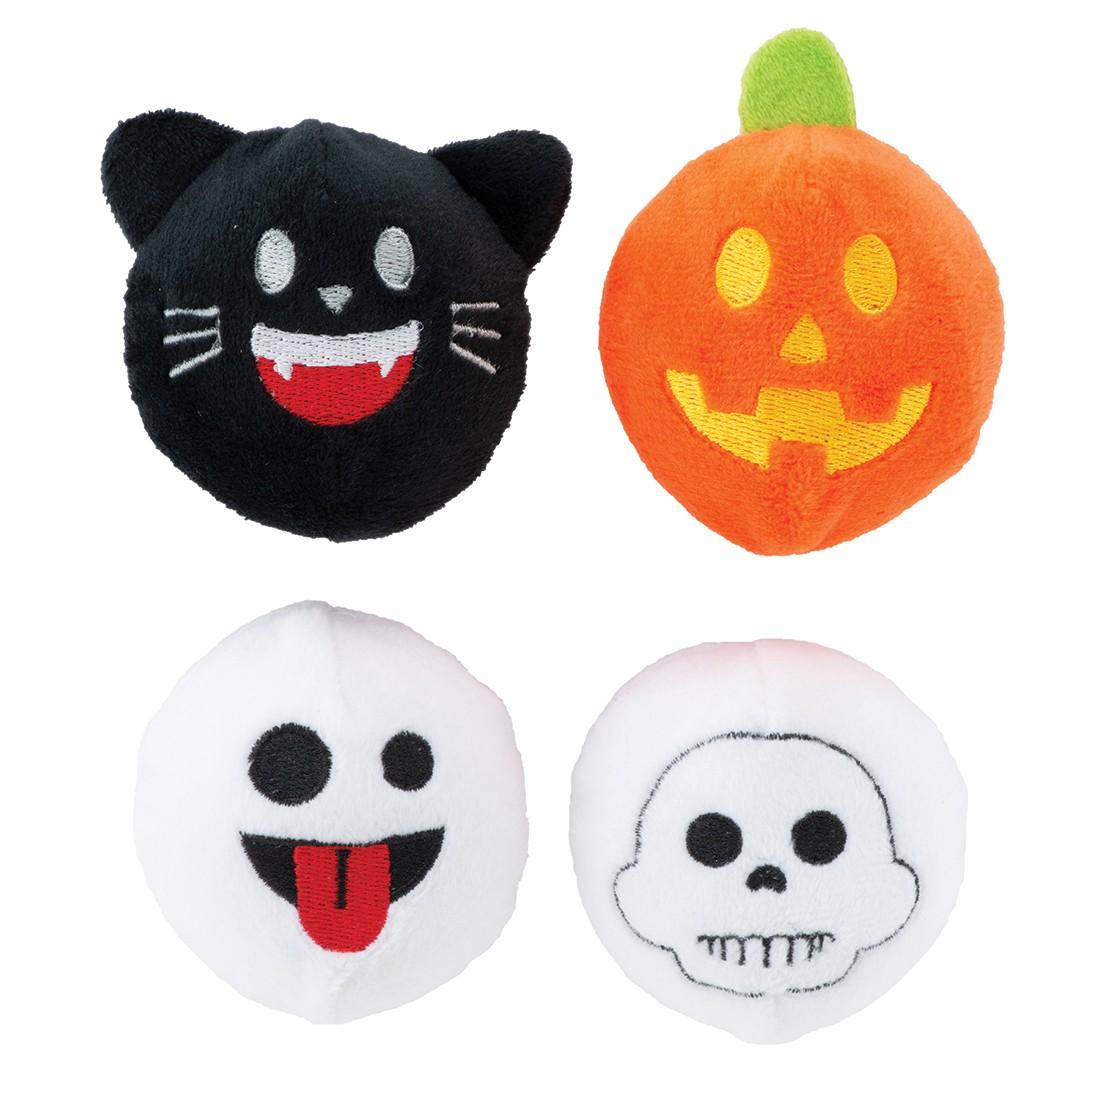 Squishie Halloween Plush [image]